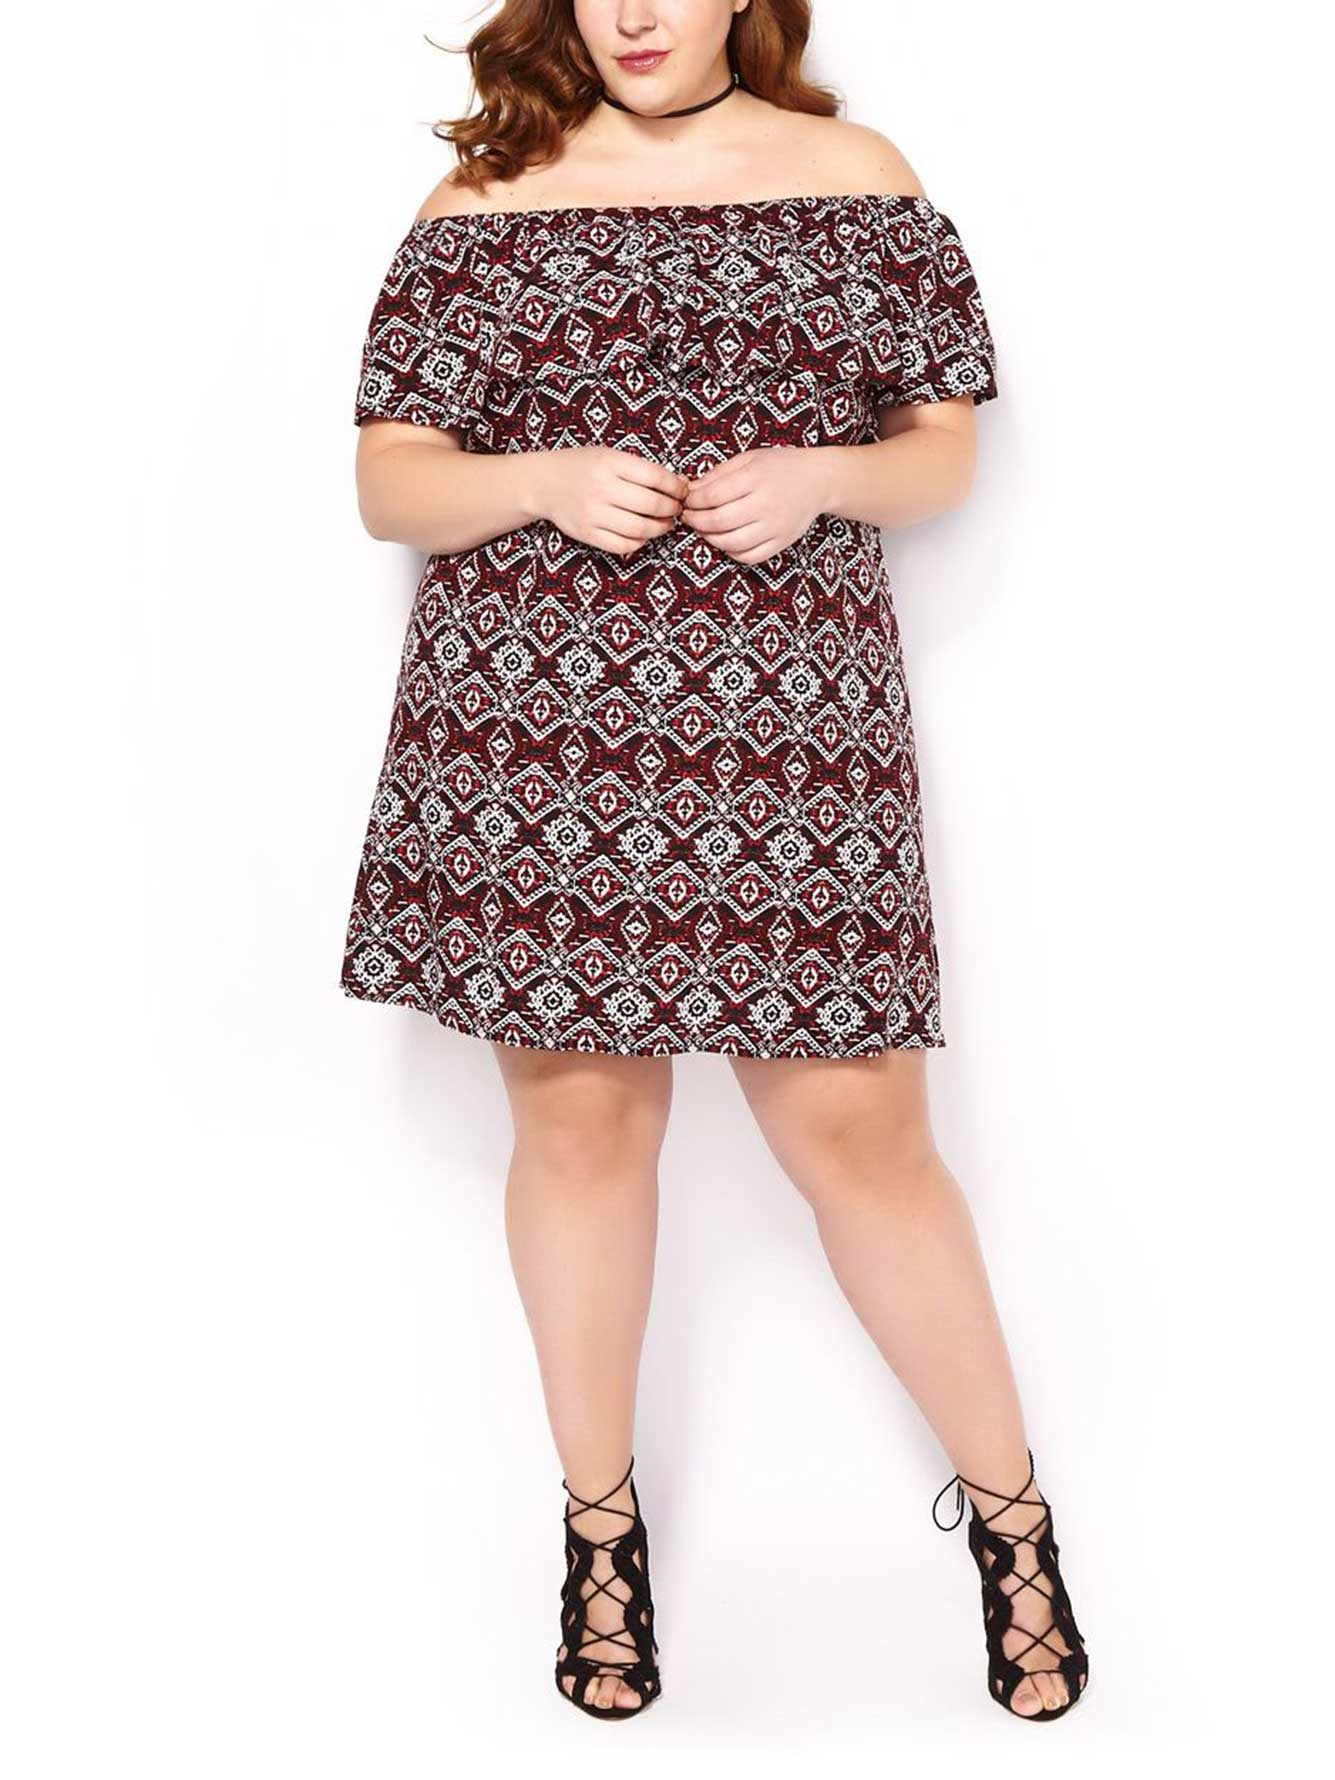 99f3eaab8e81 Printed Off Shoulder Dress